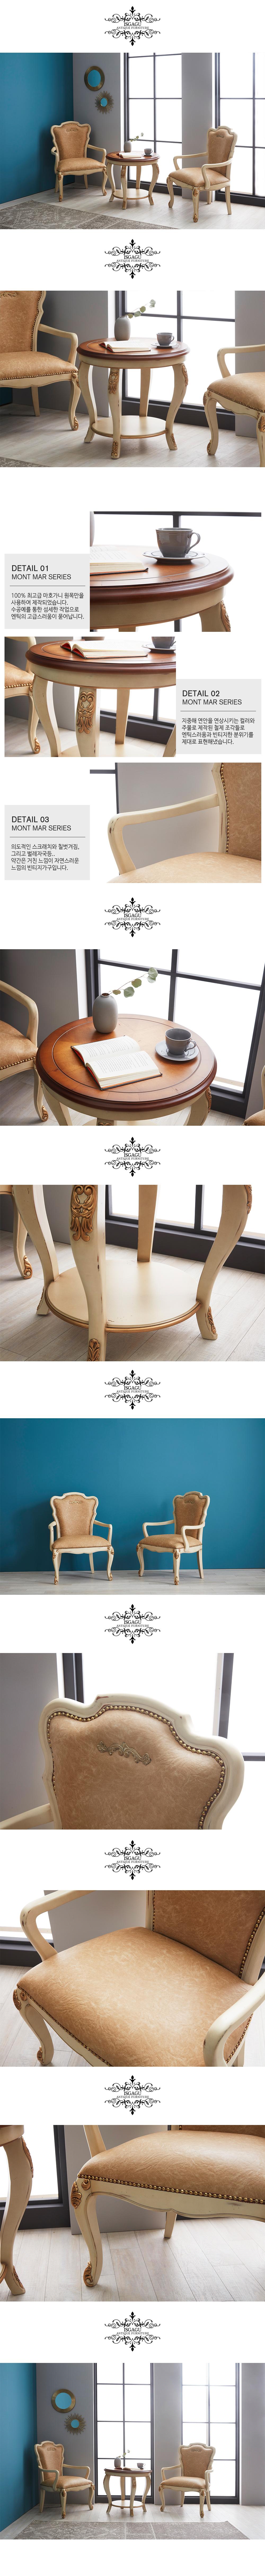 견고한 마호가니원목과 최고급PU로 마감한 원목부부테이블의자입니다, 천연가죽보다 오히려 관리도 용이하며,오래도록 흔들림없이 사용하실 수있습니다.